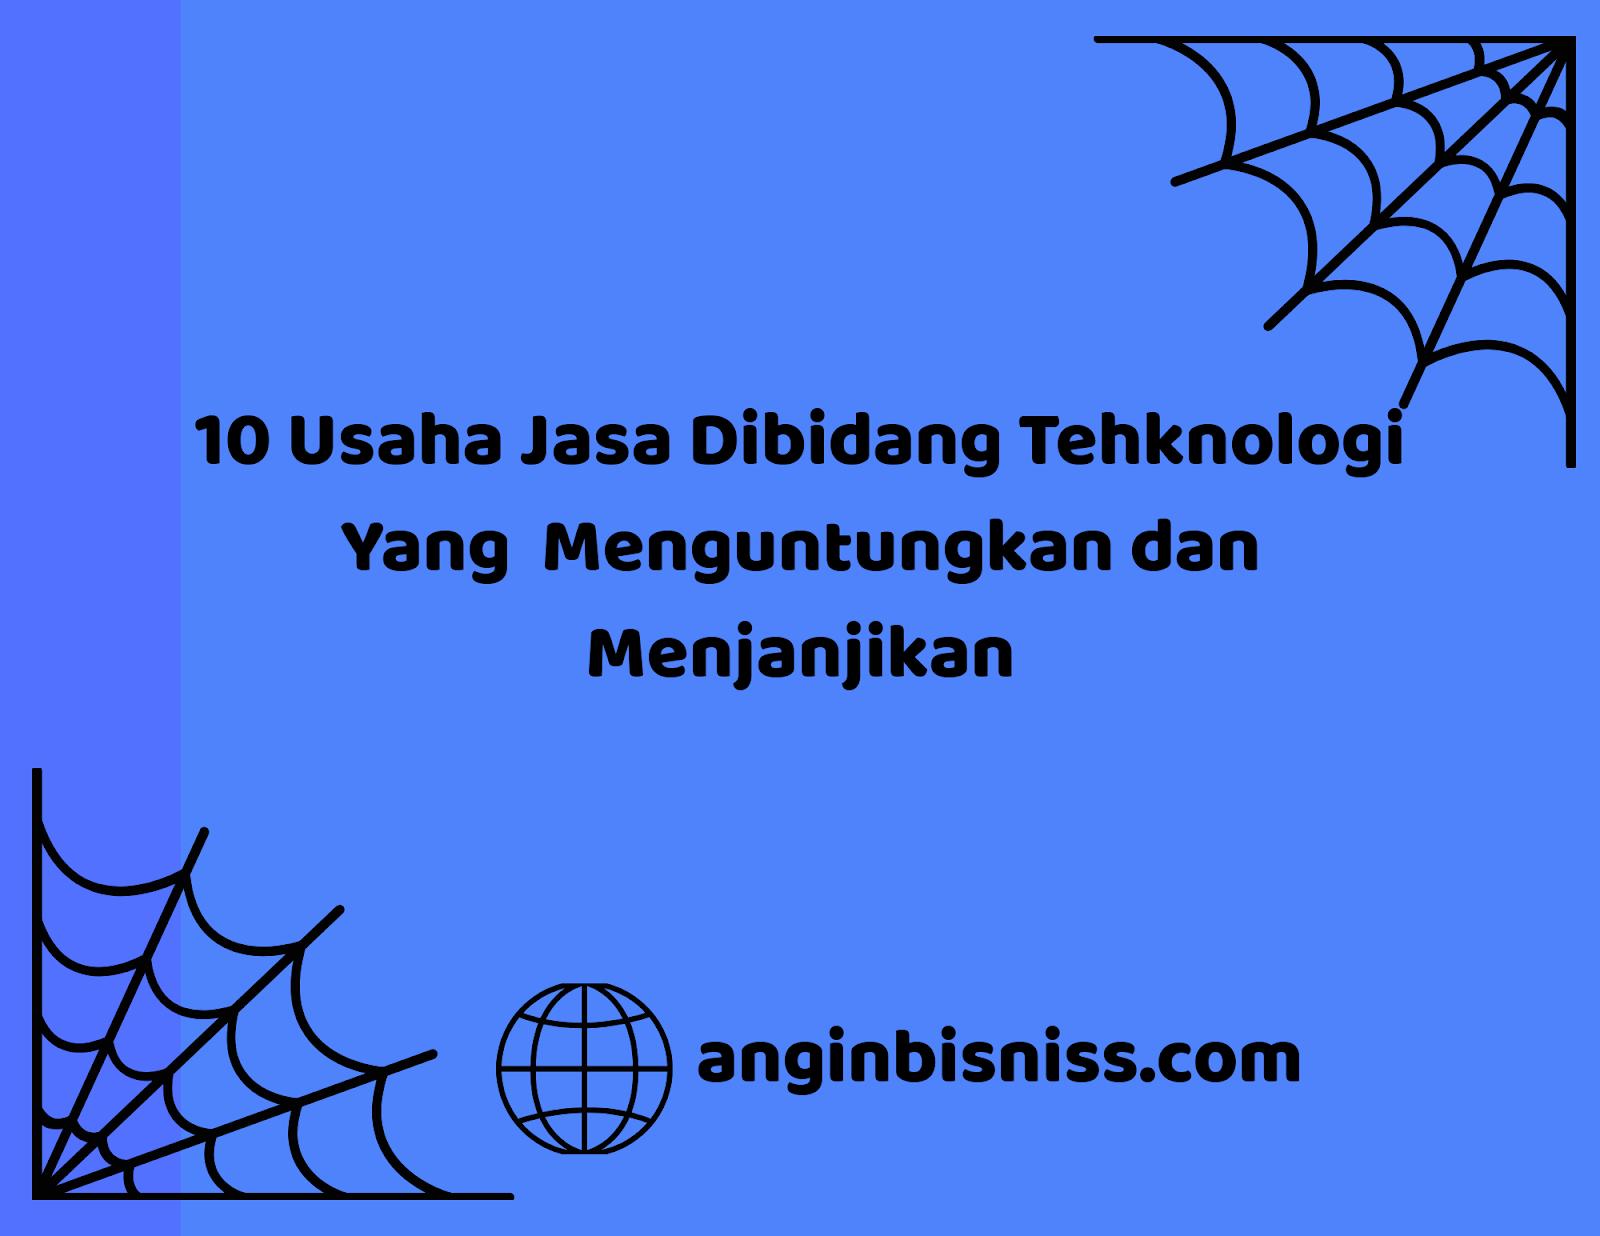 10 Usaha Jasa Dibidang Tekhnologi Yang Menguntungkan dan ...